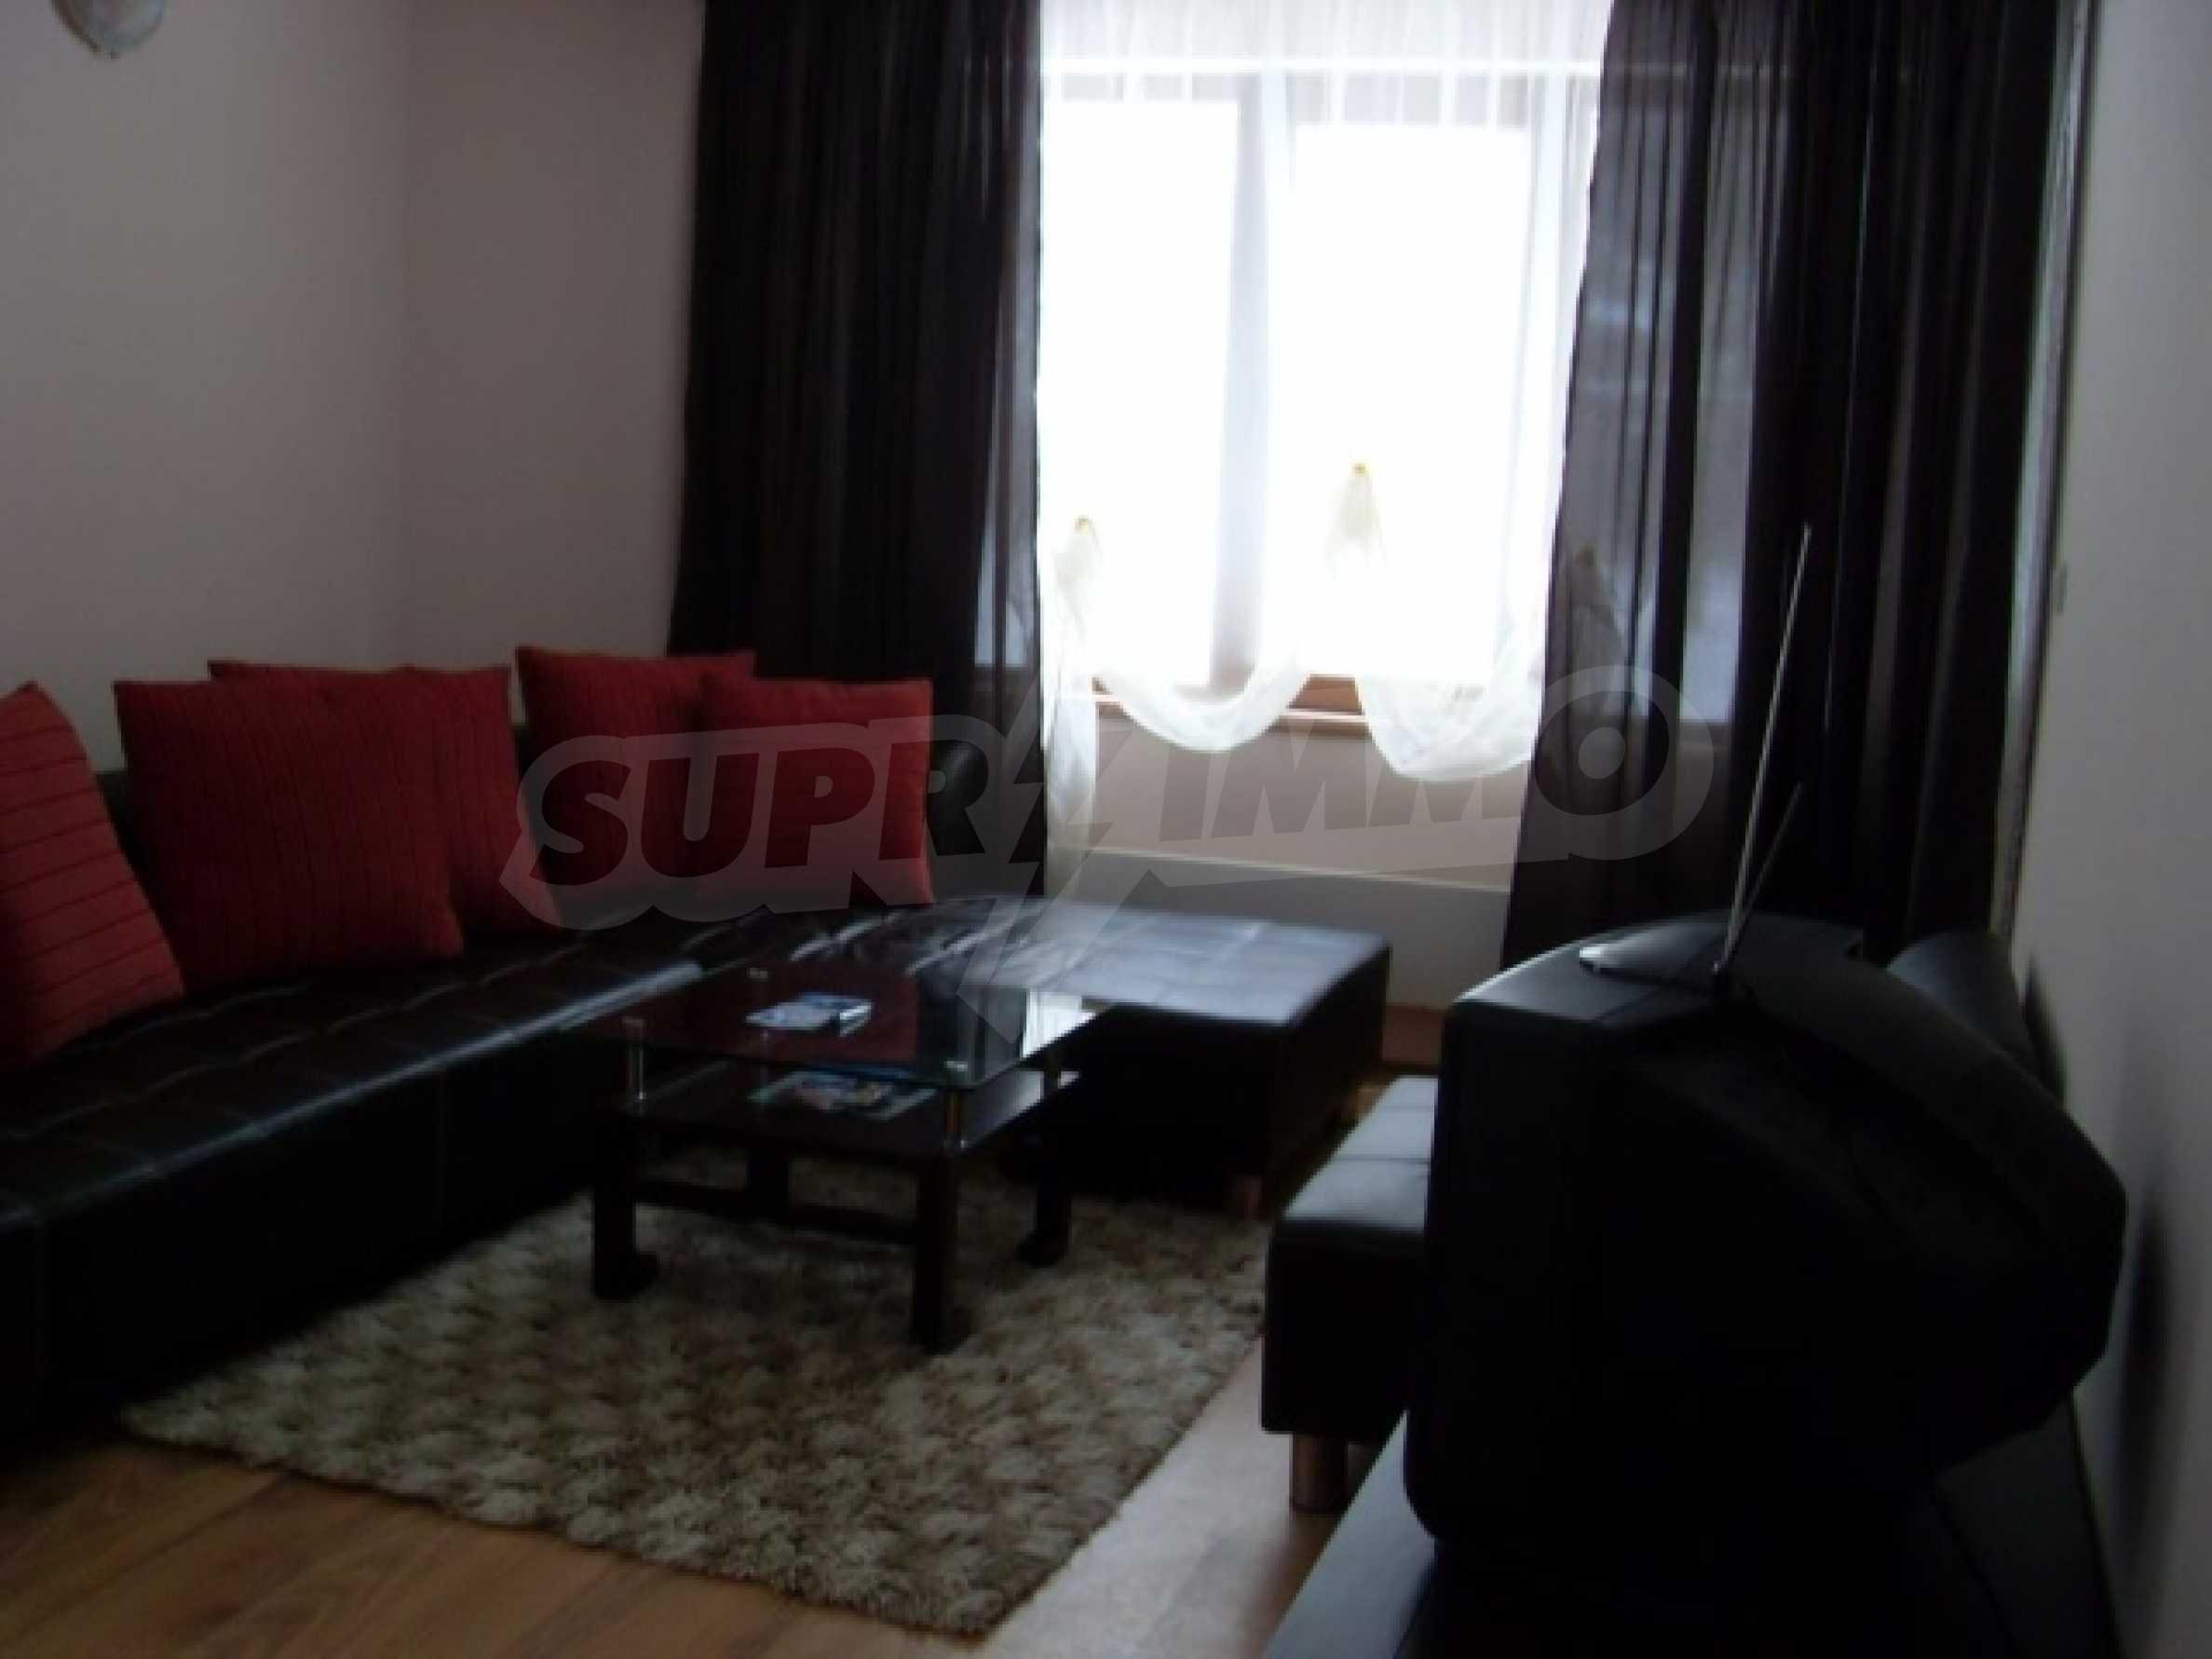 Apartment in Evrika complex 8